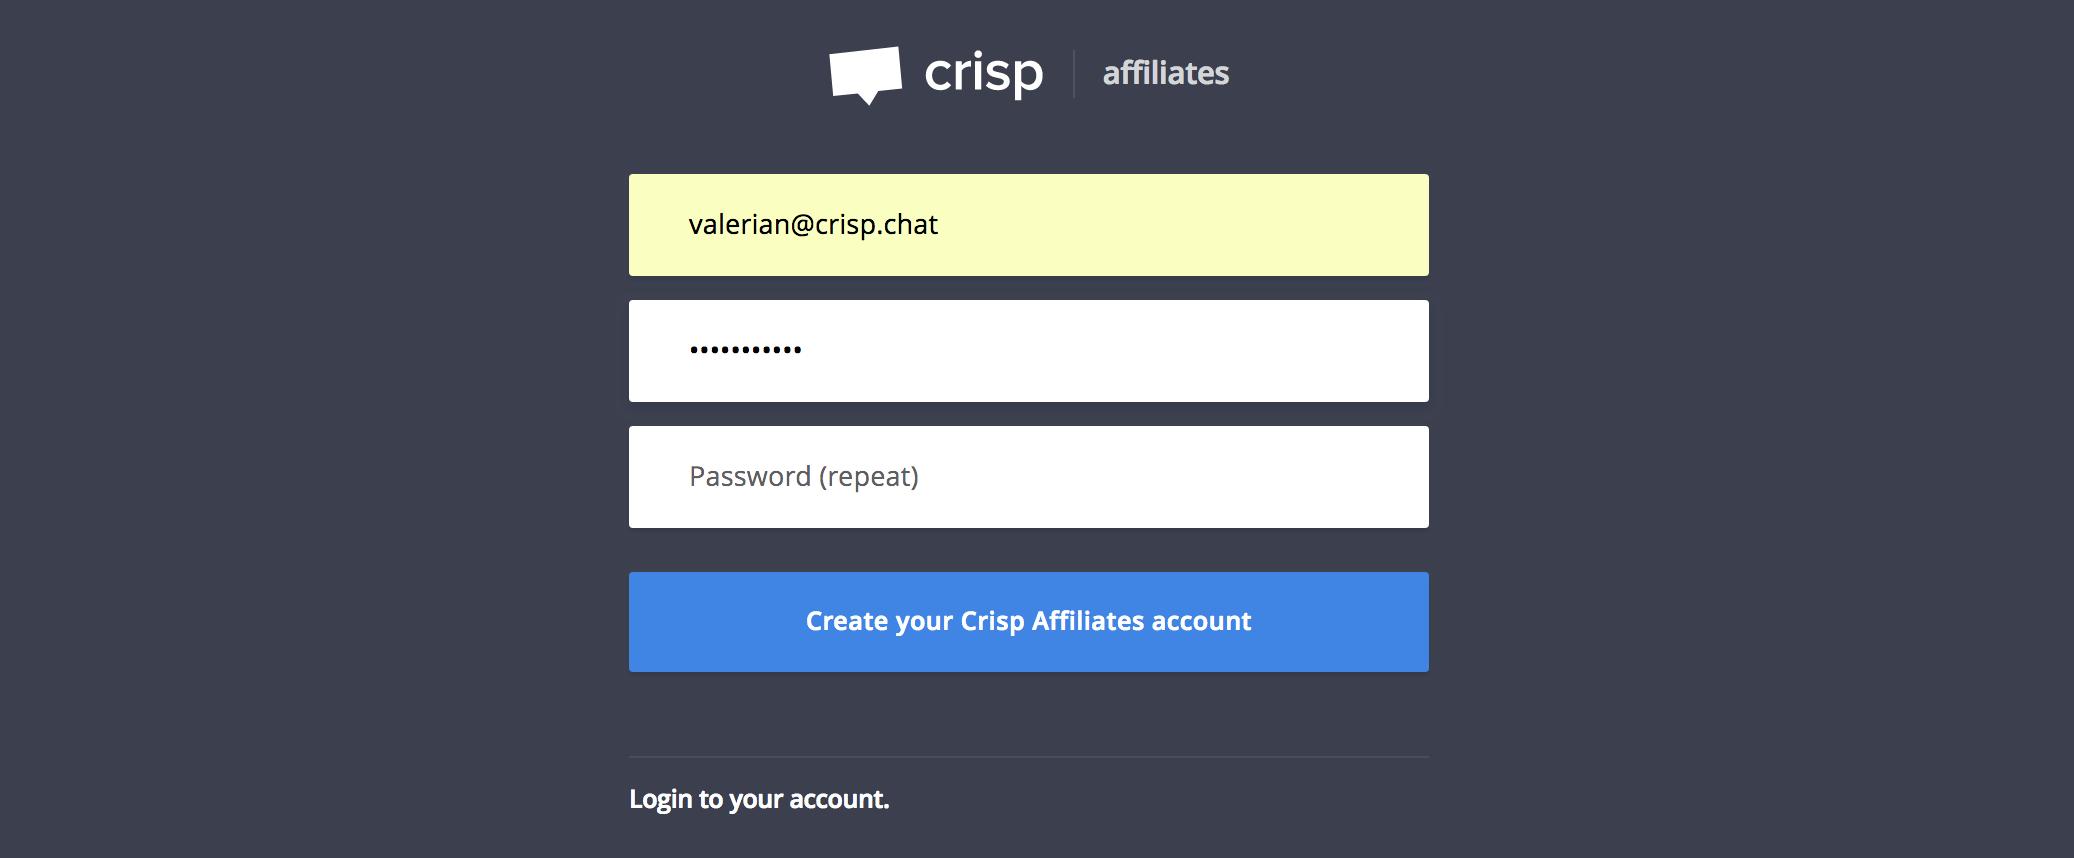 Create your Crisp Affiliates account